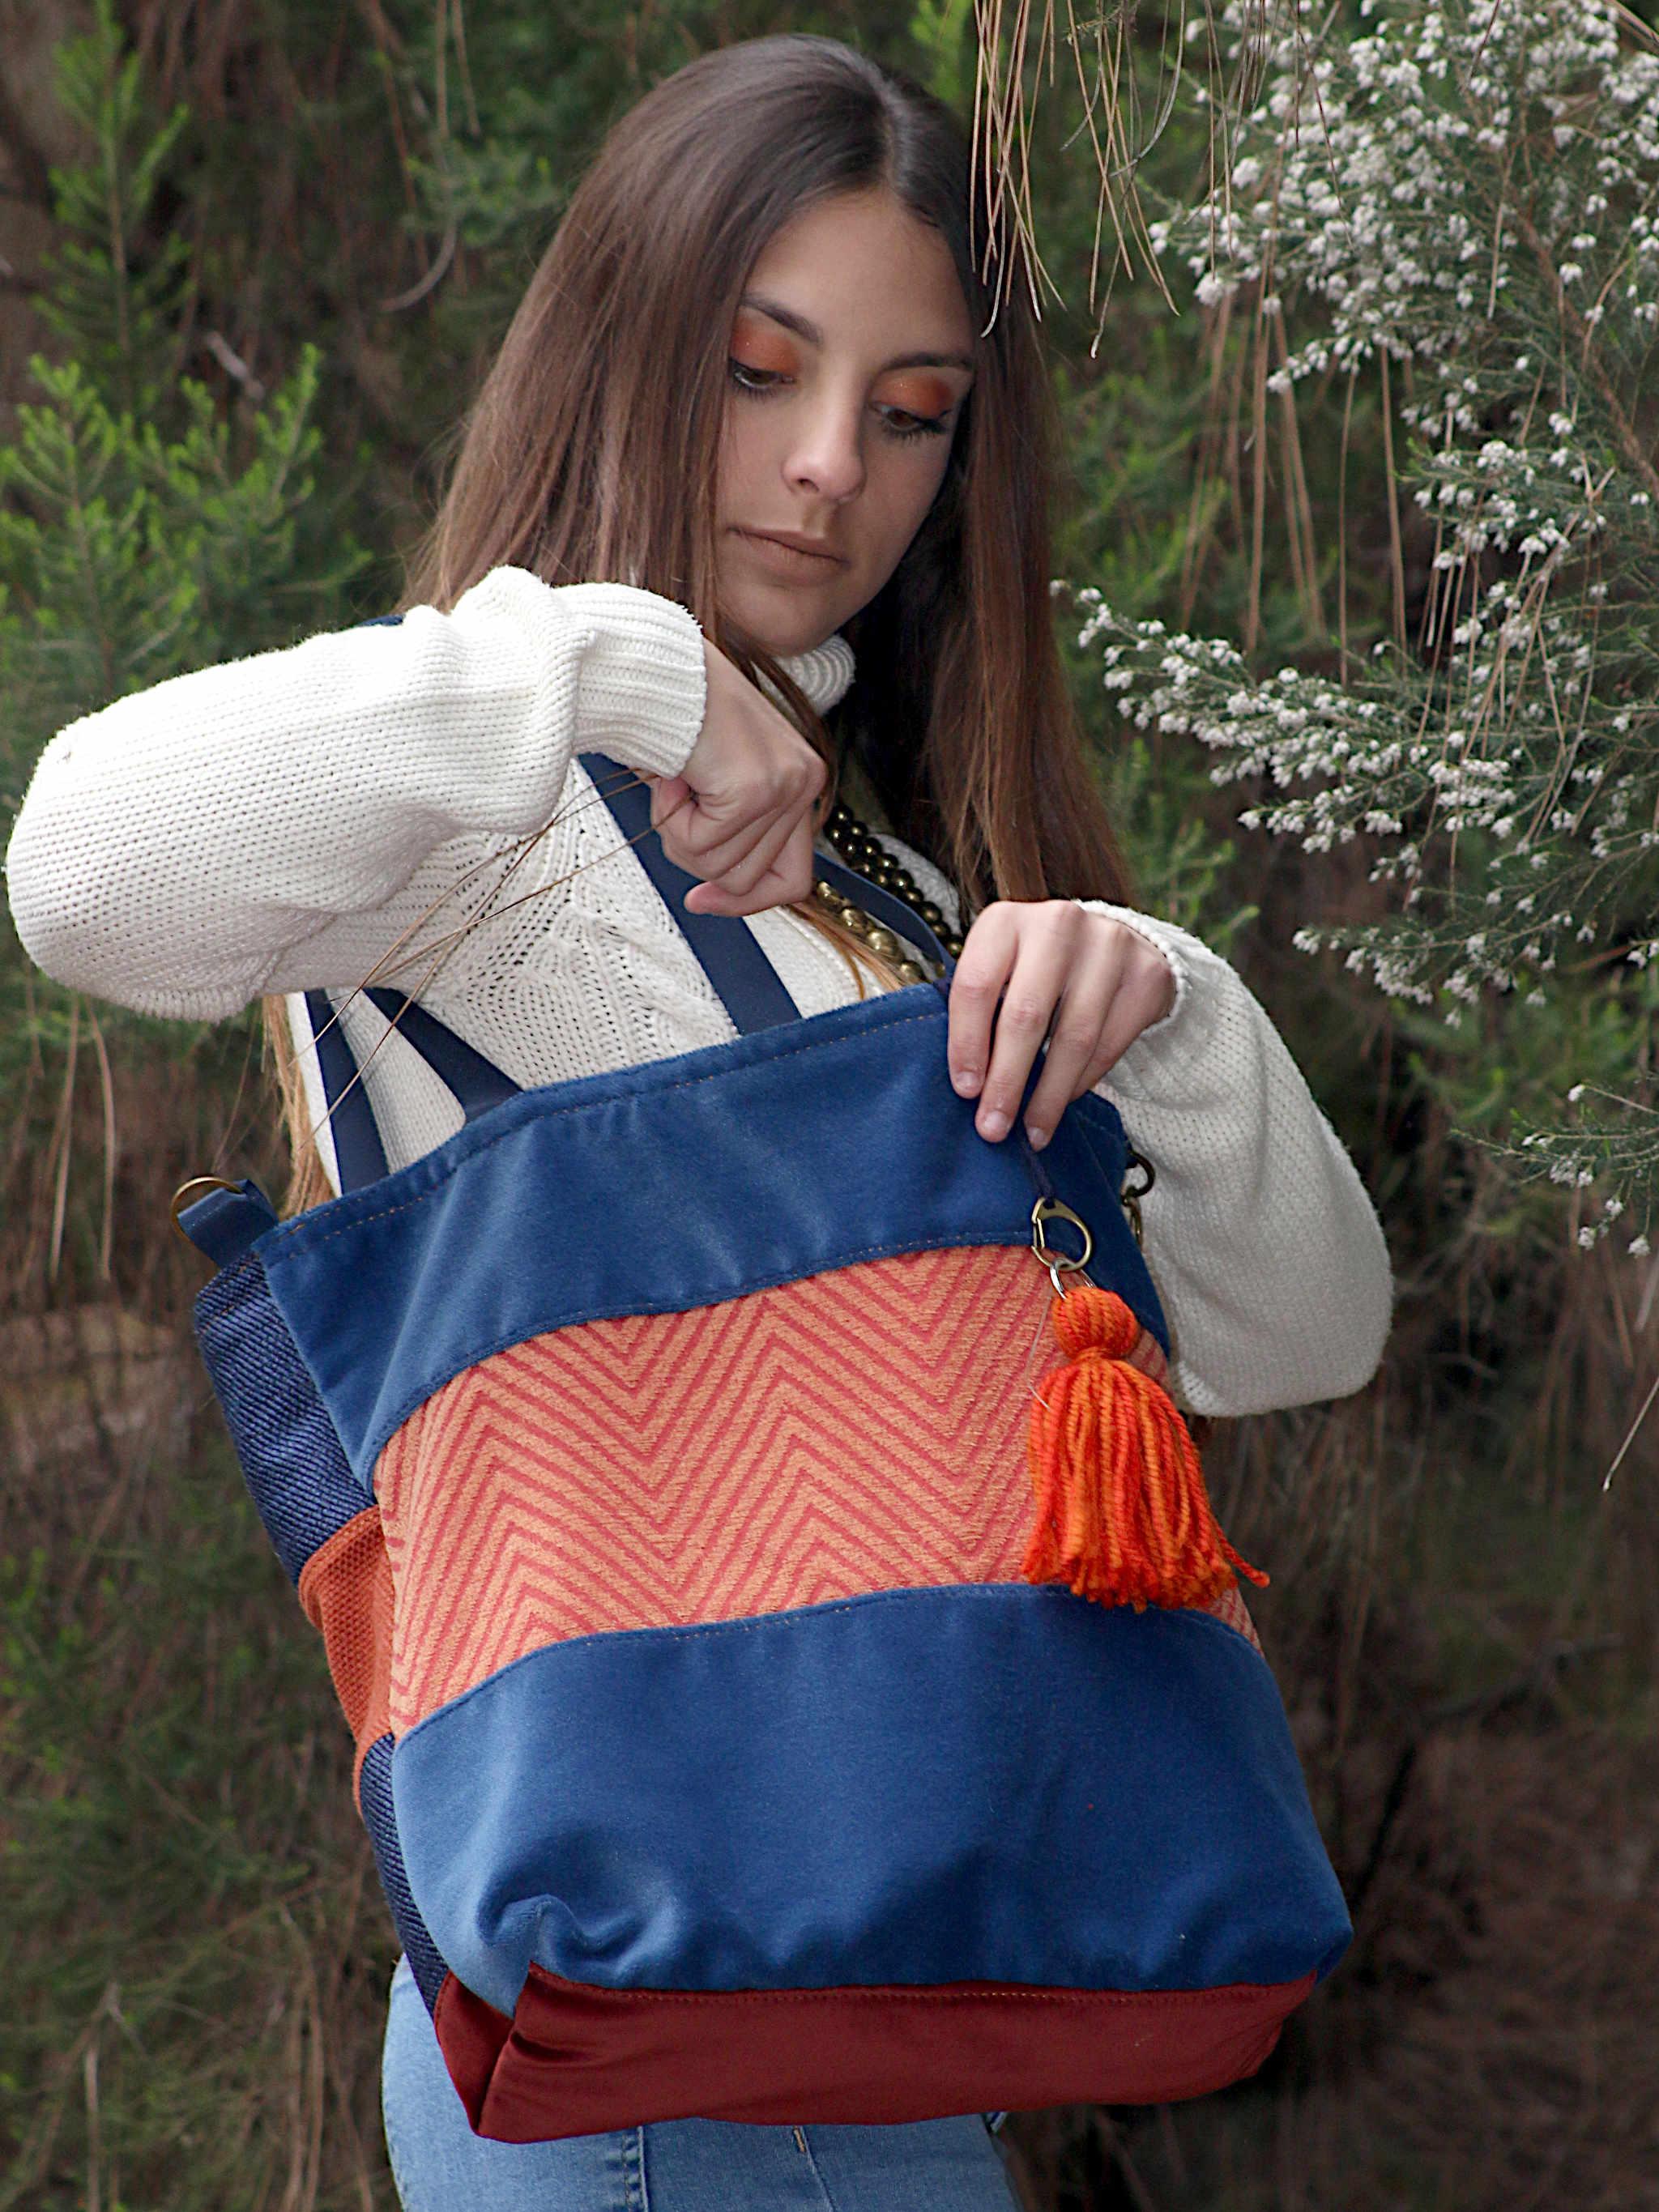 Mujer bajo un árbol mirando el contebido del bolso de tela que lleva en el hombro